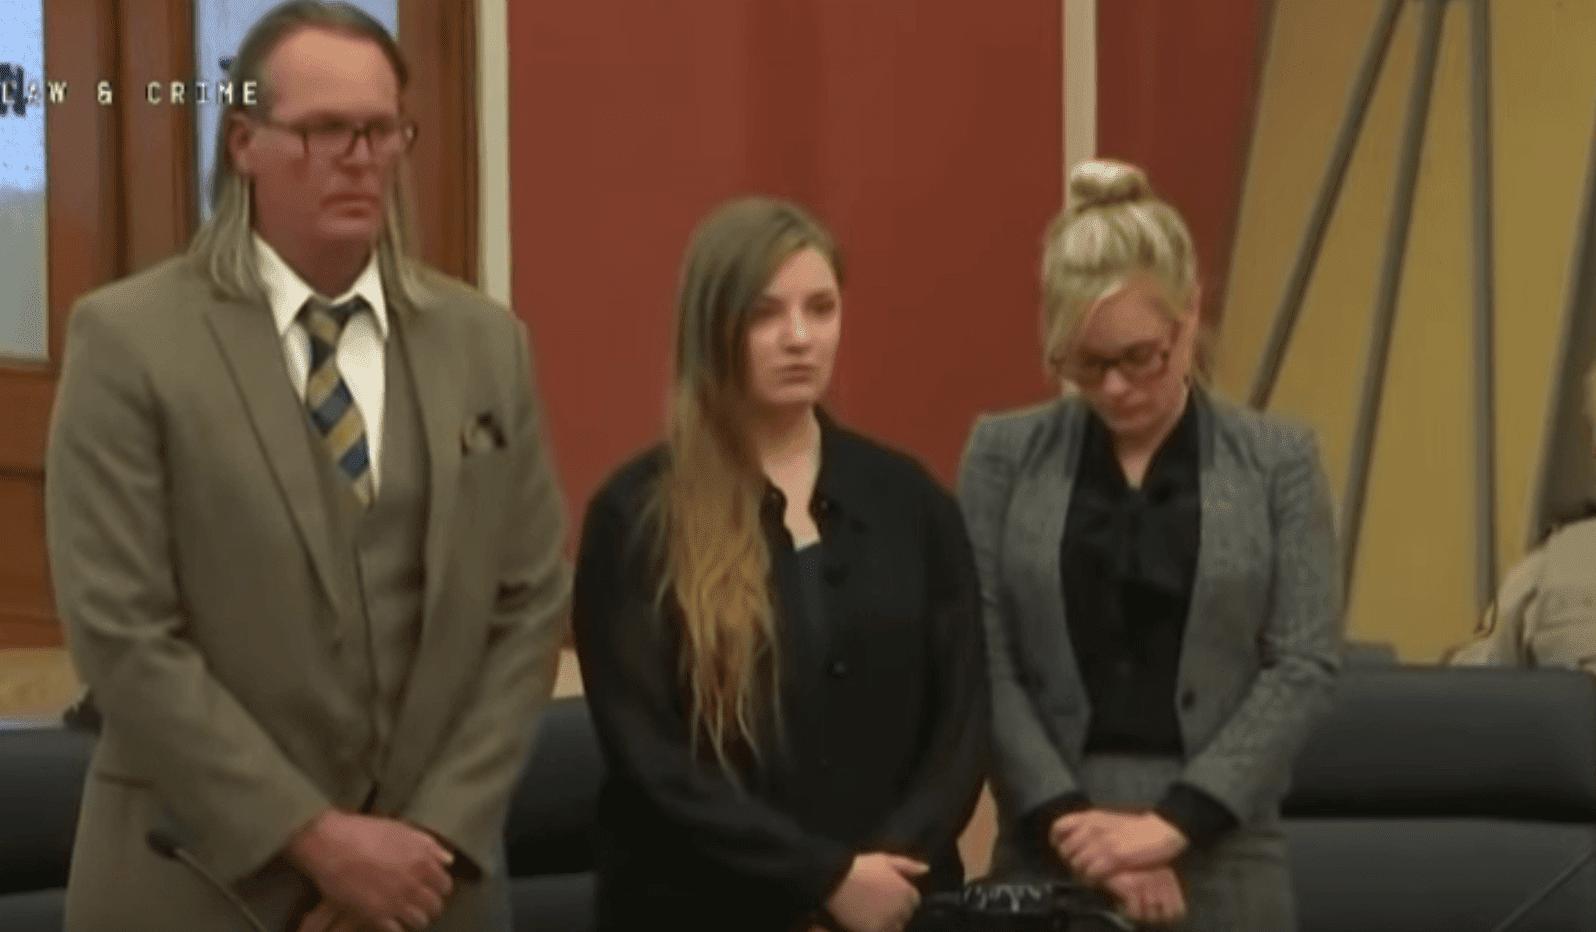 Cheyanne Harris et ses avocats écoutent le verdict du jury | Photo : Réseau YouTube/Law & Crime